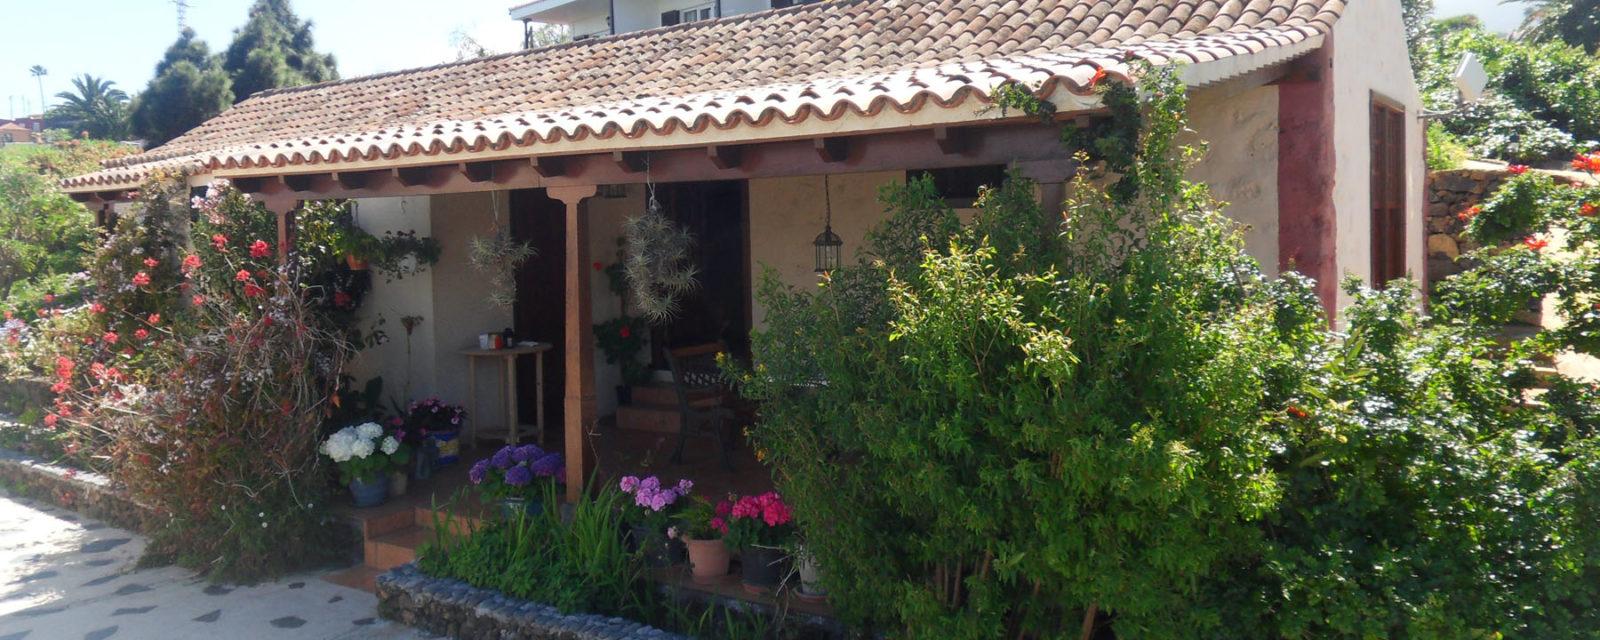 La Palma - Casa Gron - Main view